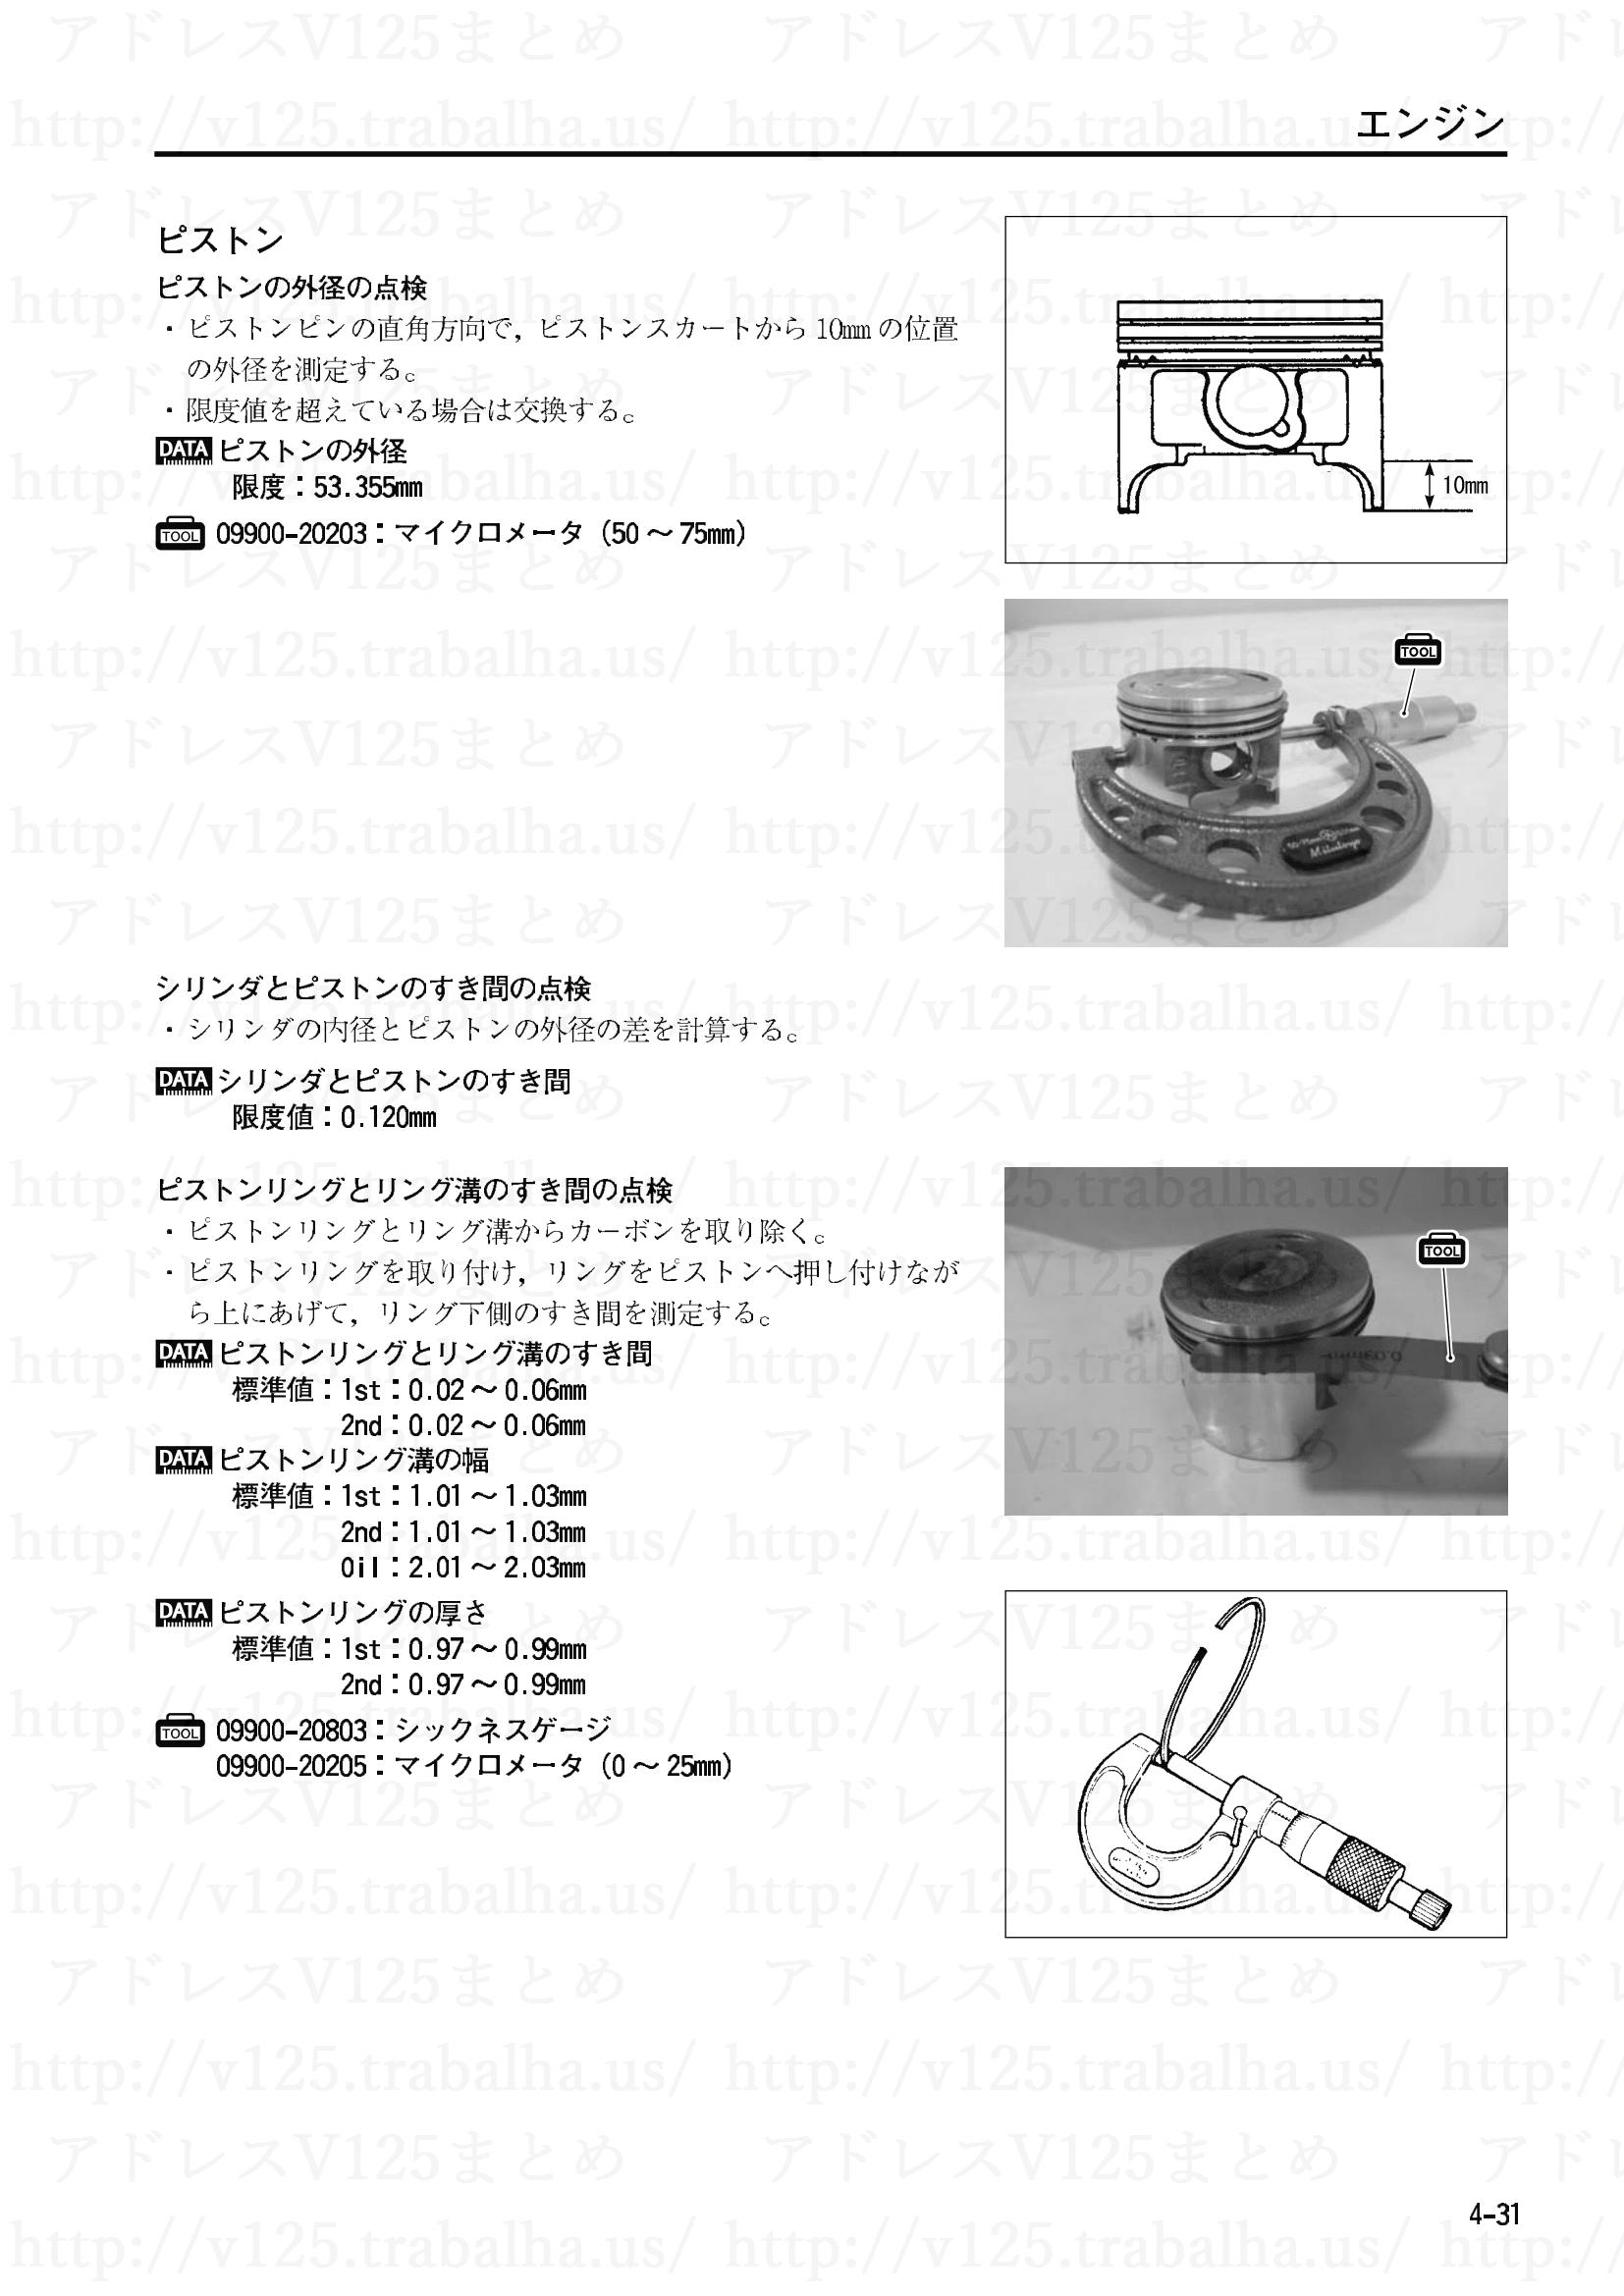 4-31【エンジン】エンジン部組部品の点検9